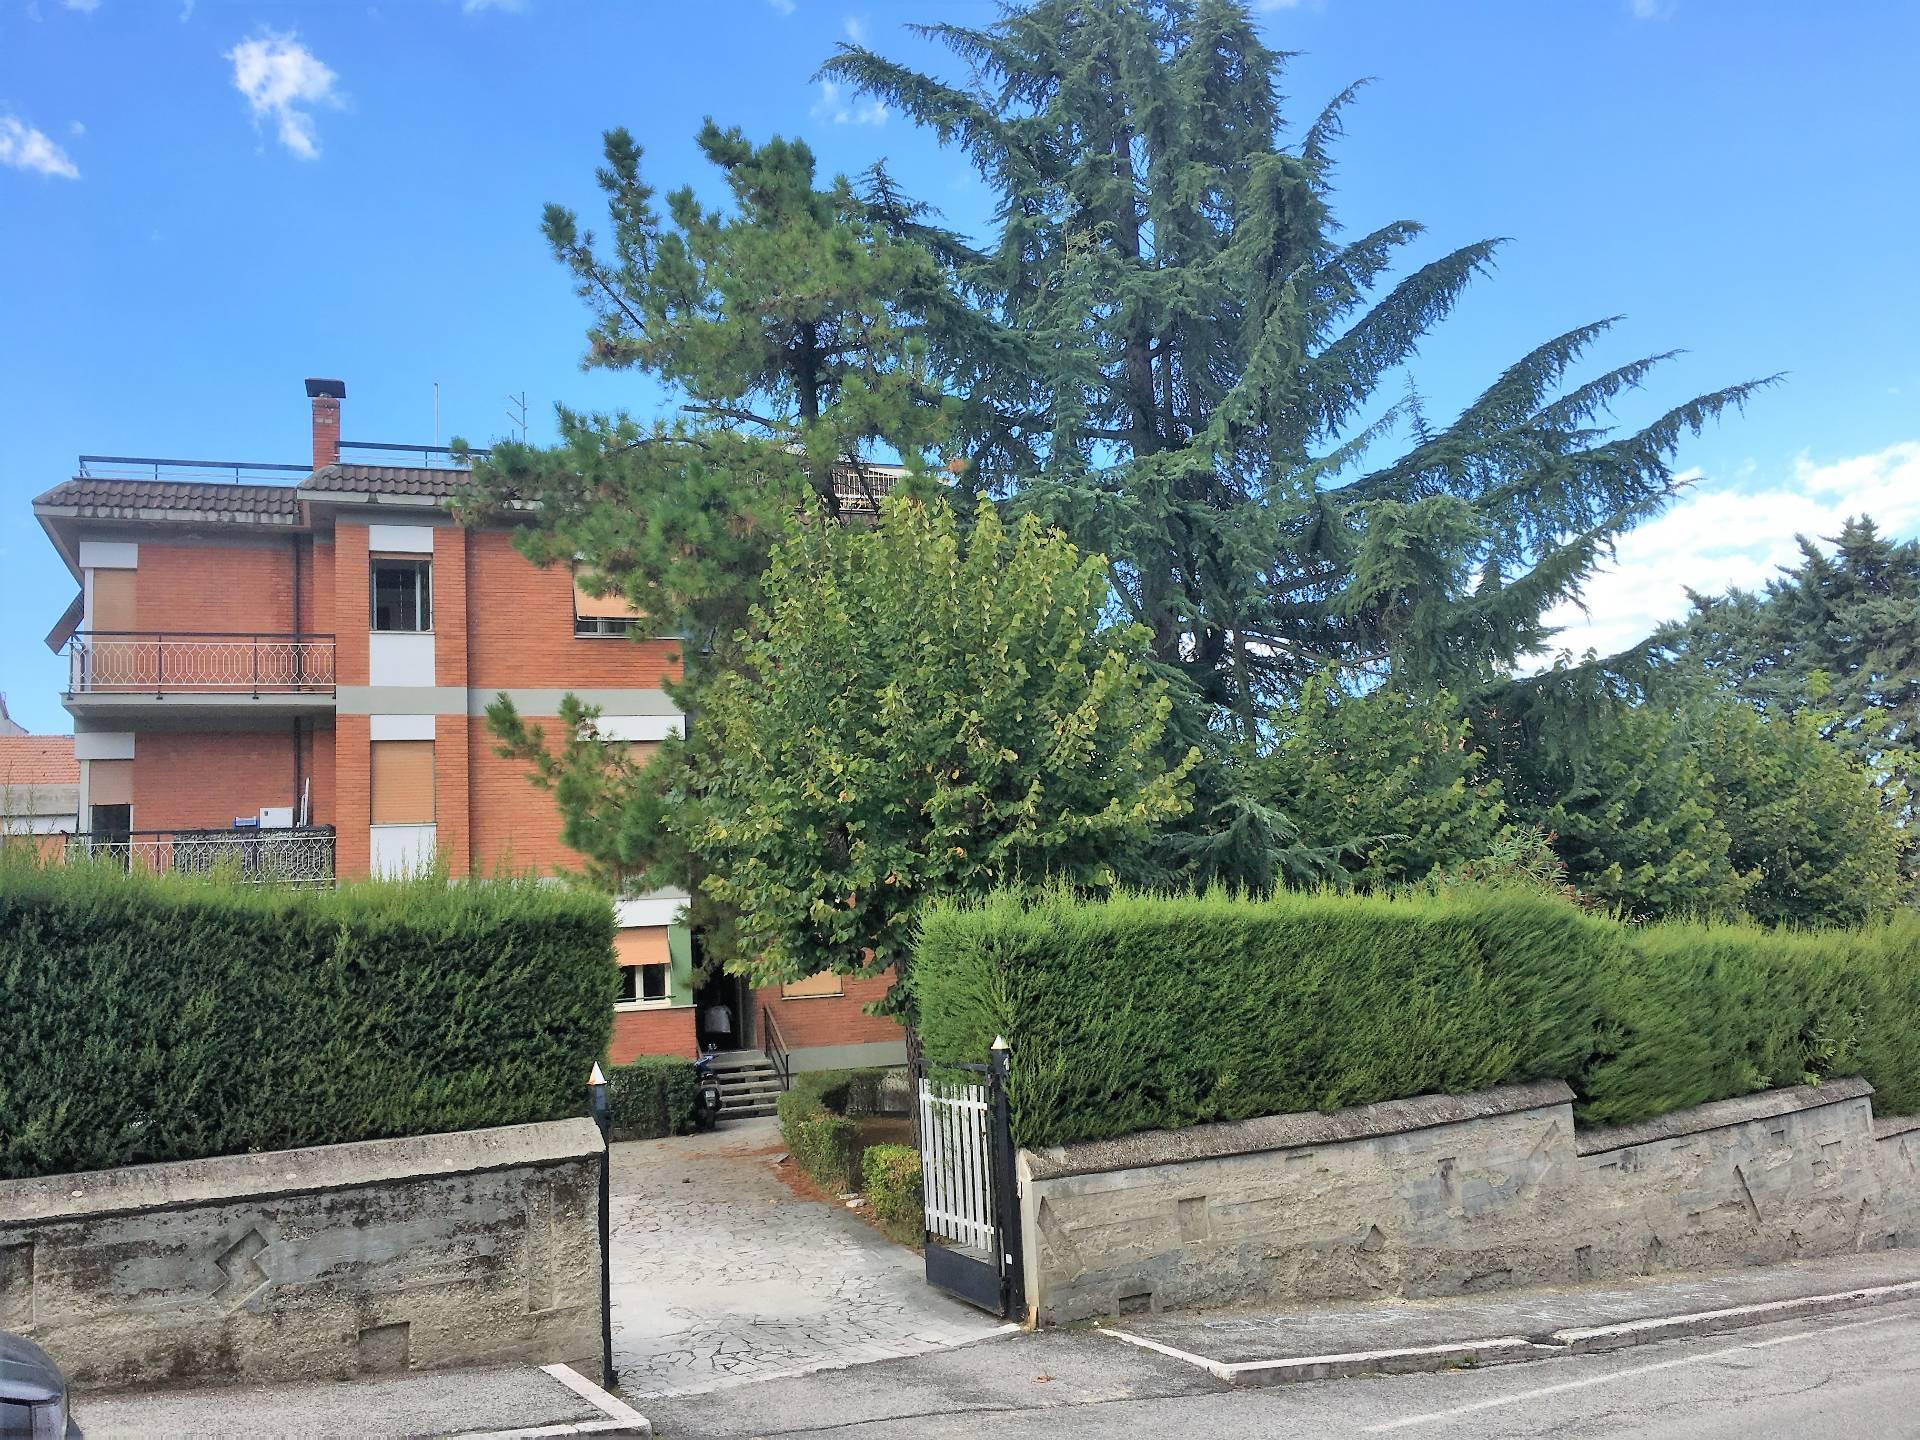 Appartamento in vendita a Ascoli Piceno, 4 locali, zona Località: PortaMaggiore, prezzo € 150.000 | CambioCasa.it